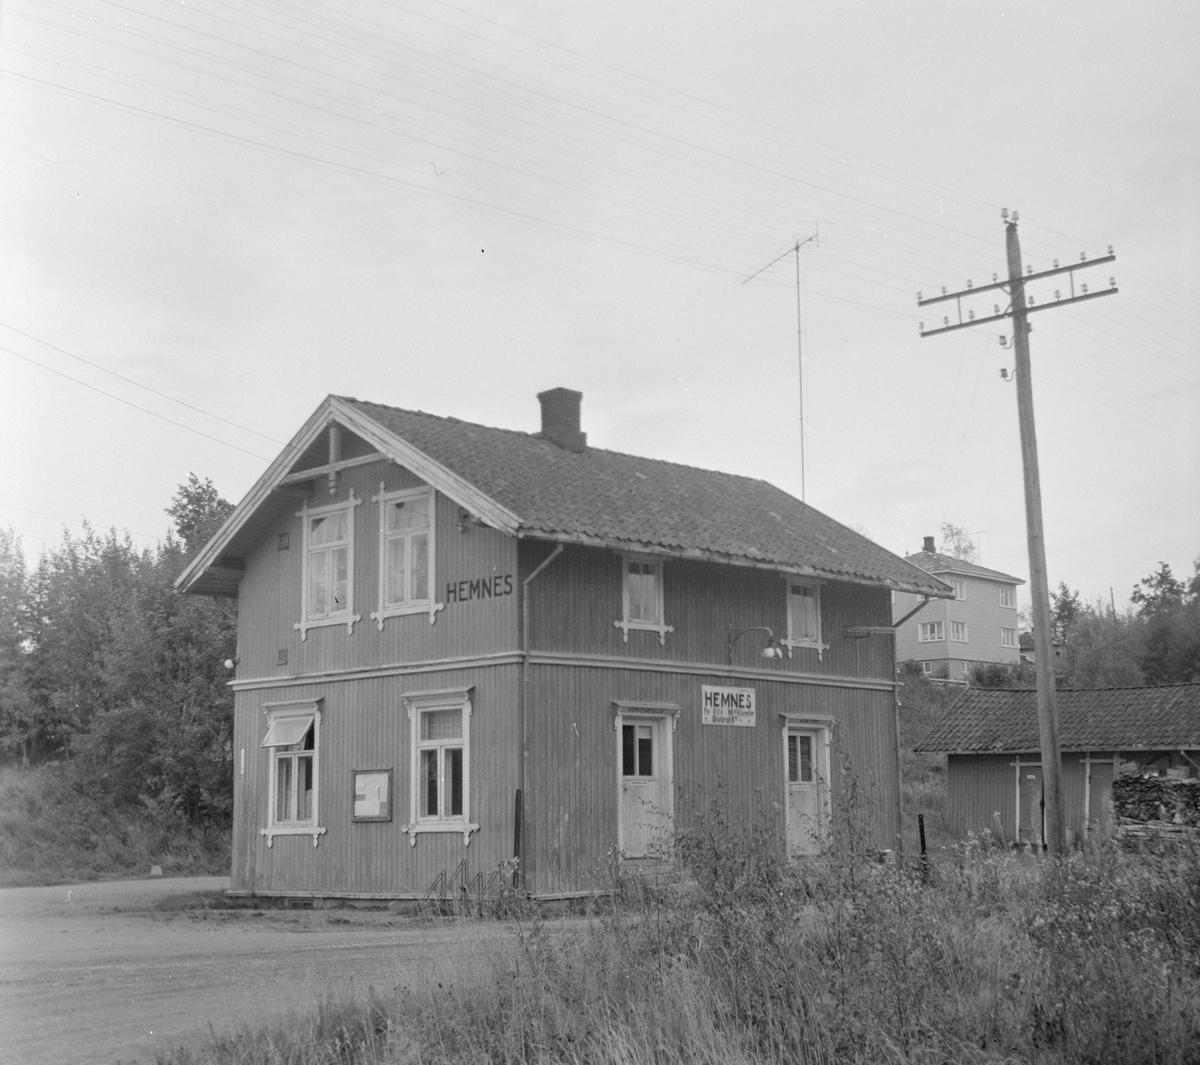 Stasjonsbygningen på Hemnes stasjon på den nedlagte Aurskog-Hølandsbanen.